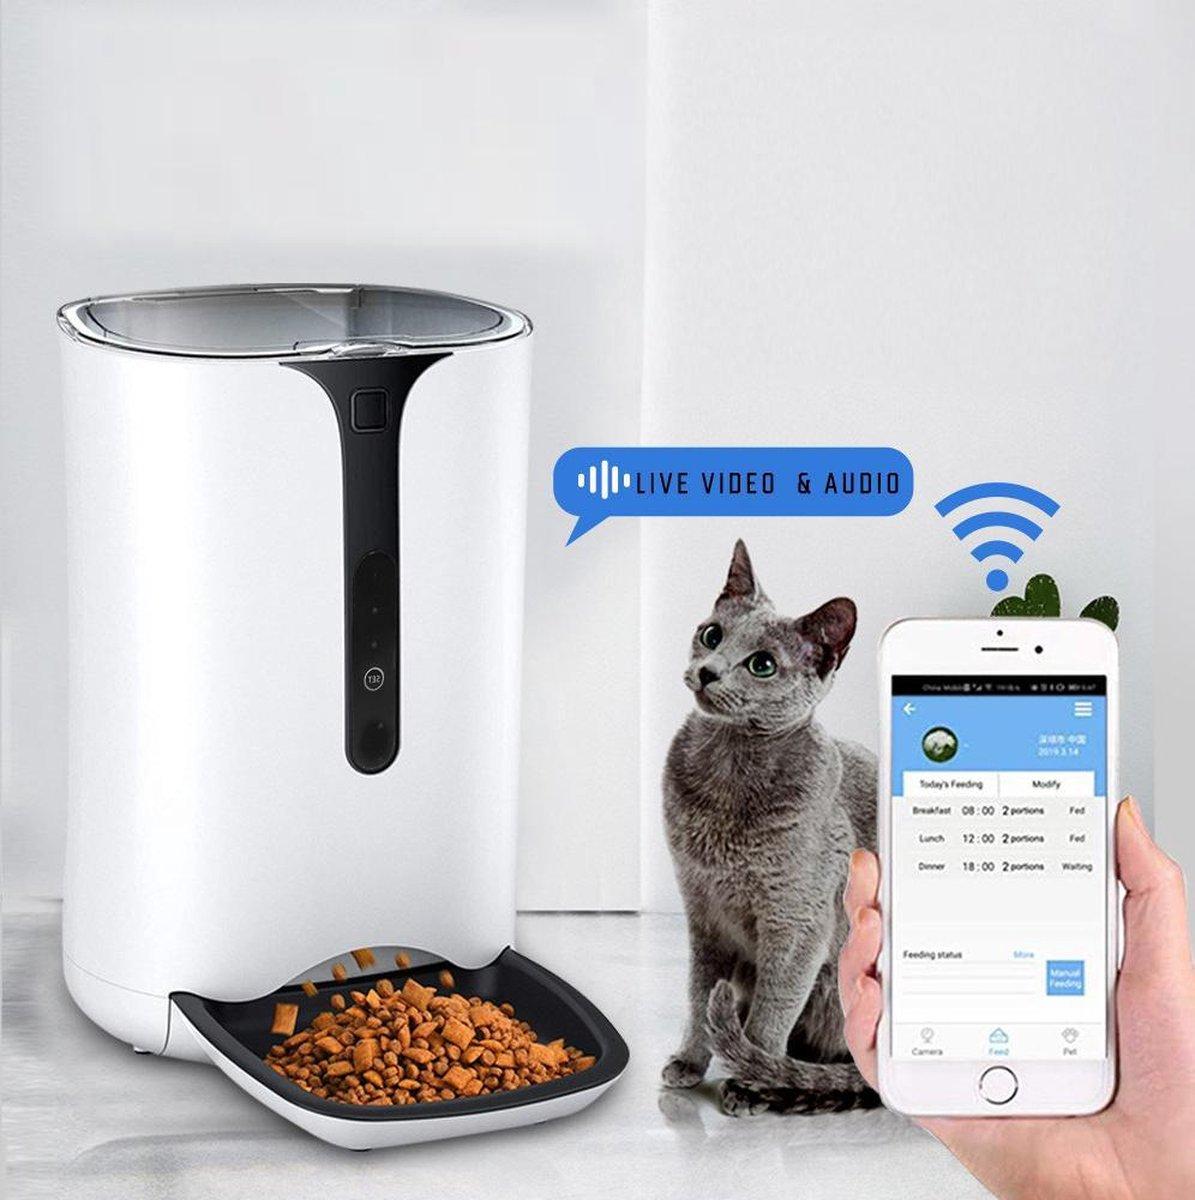 Automatische voerbak - WiFi Smart Voerautomaat - Ingebouwde Camera & Microfoon - Automatische voerba